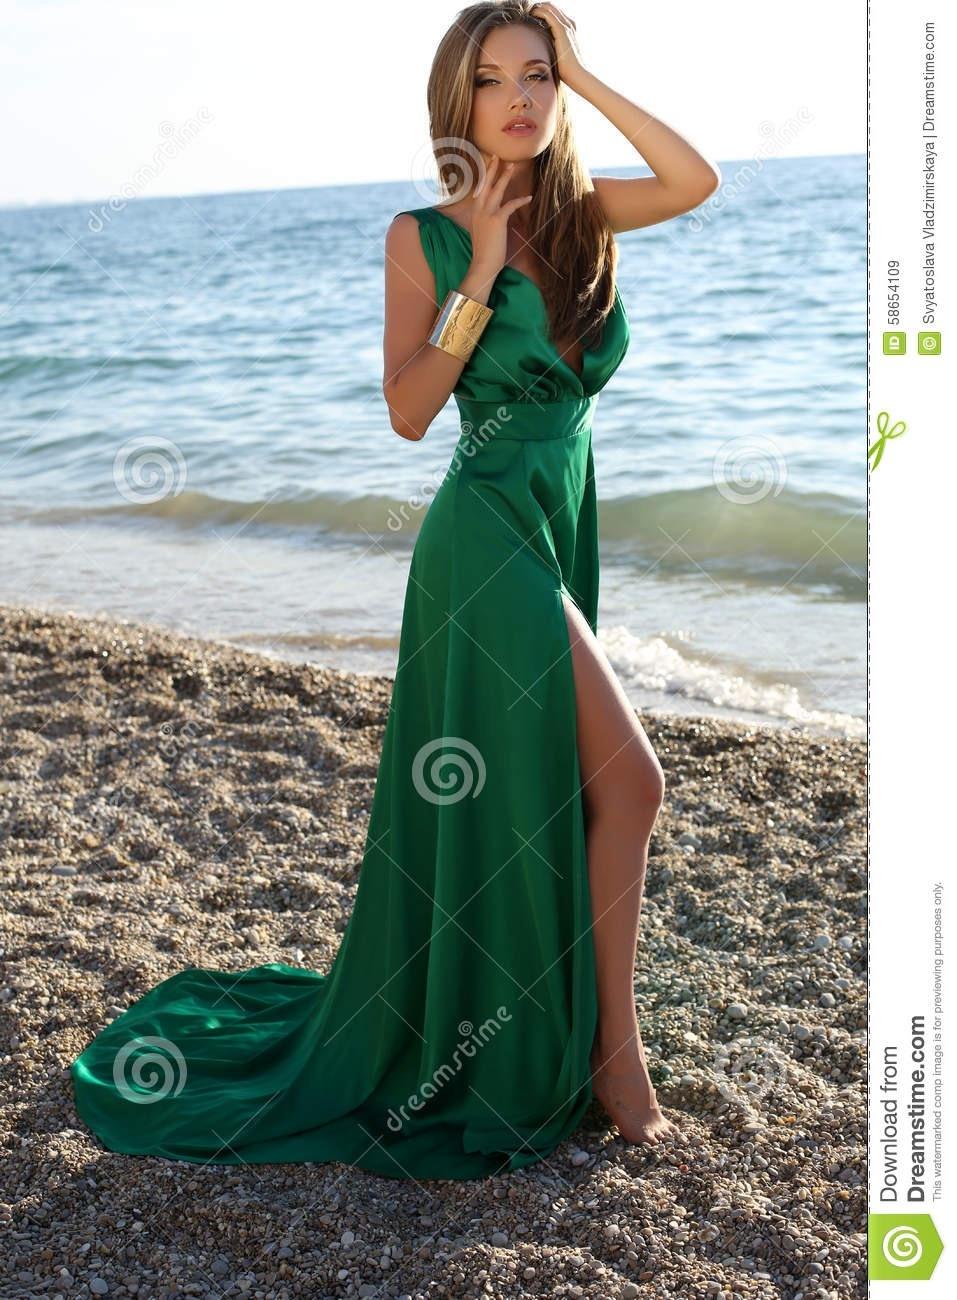 Fantastisch Schönes Grünes Kleid Boutique13 Perfekt Schönes Grünes Kleid Design